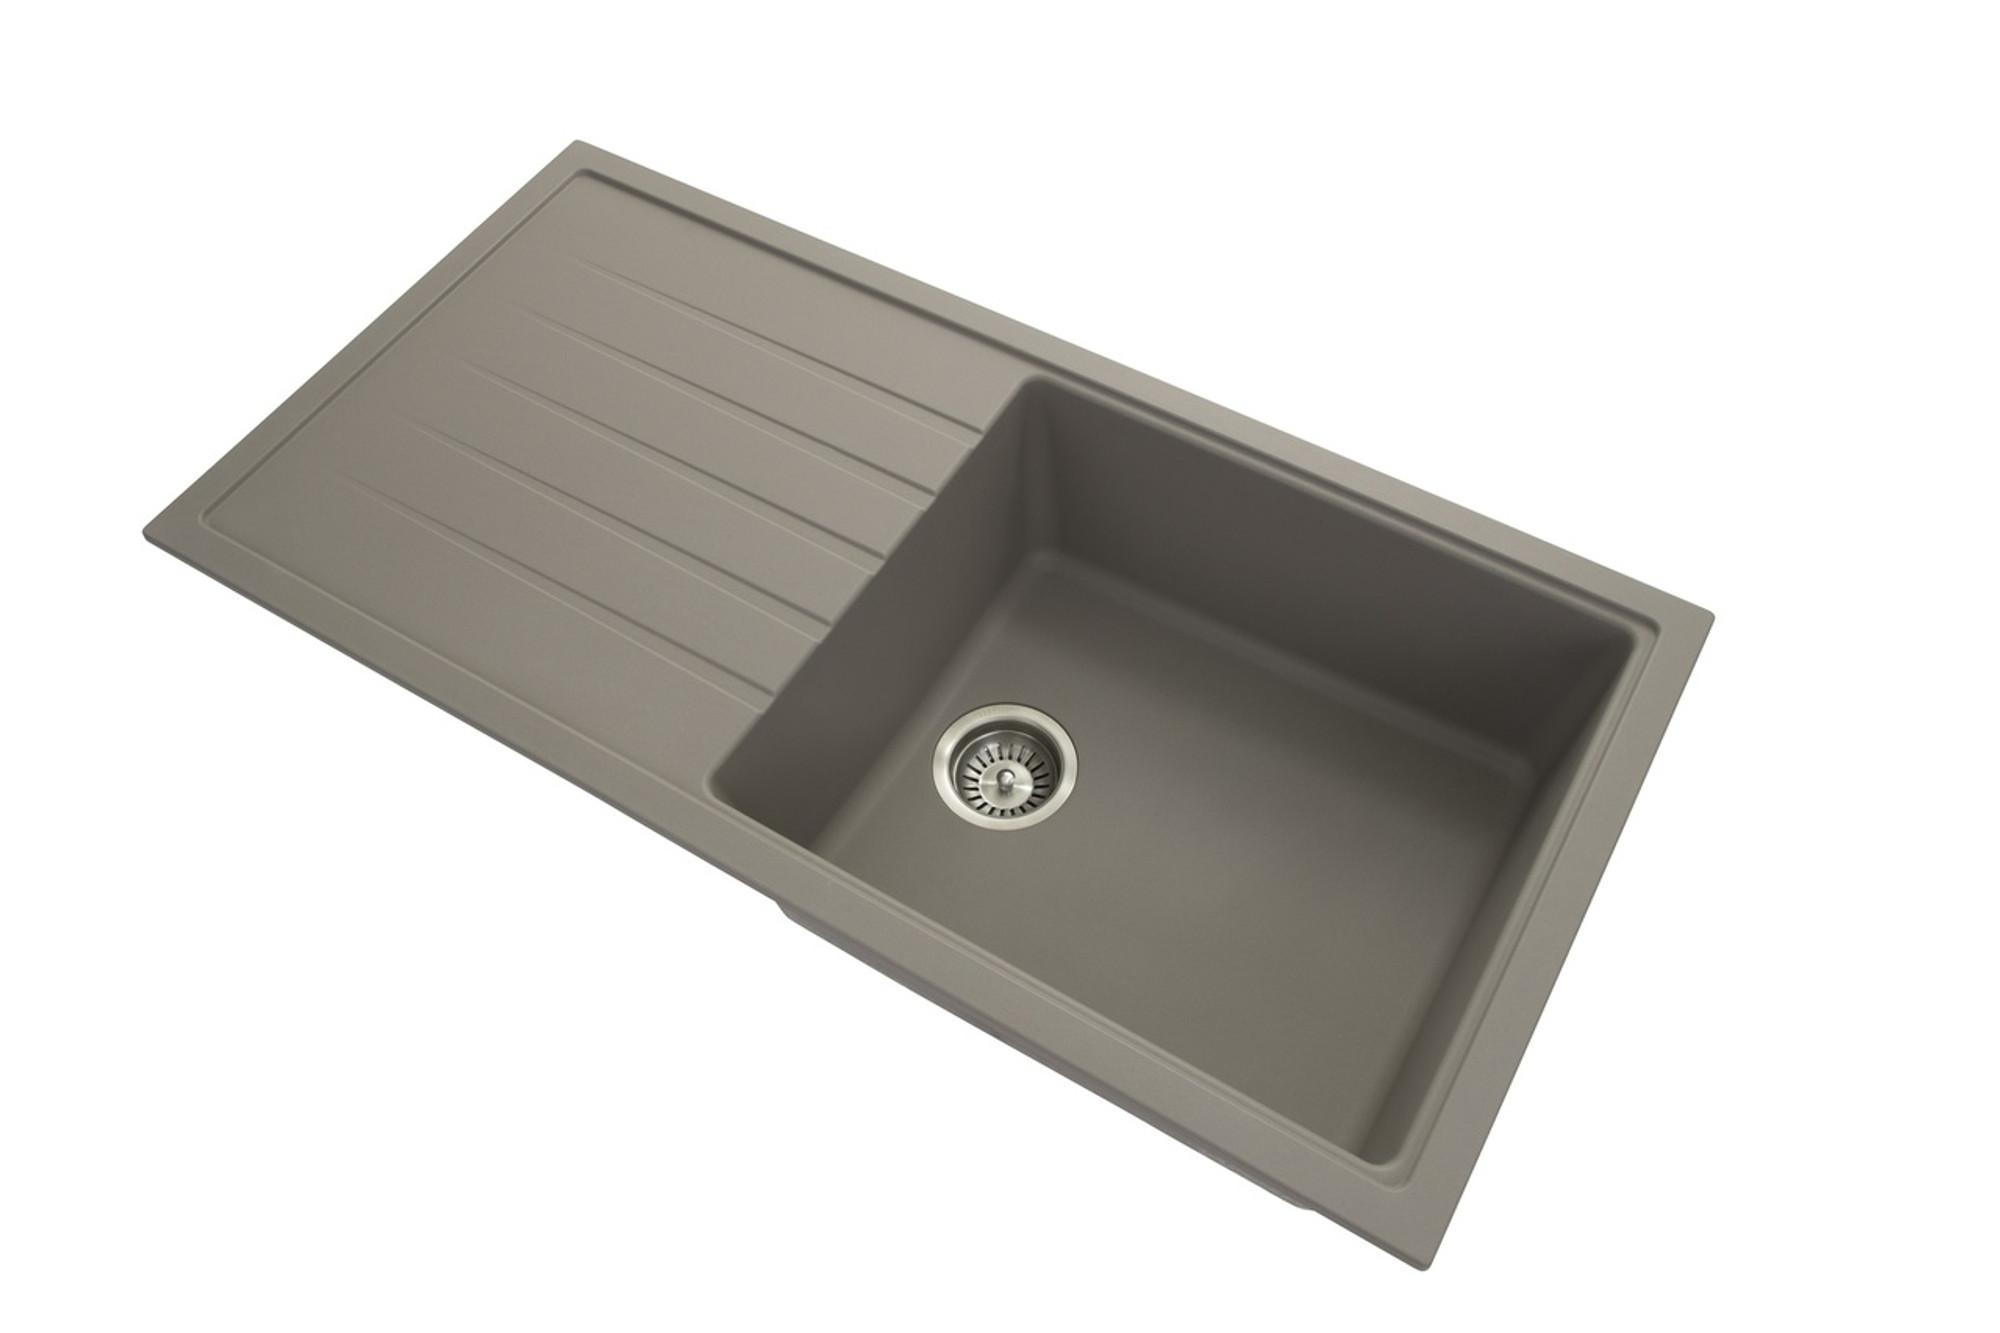 Zum Granite Kitchen Sink Drop In Or Under Mount Single